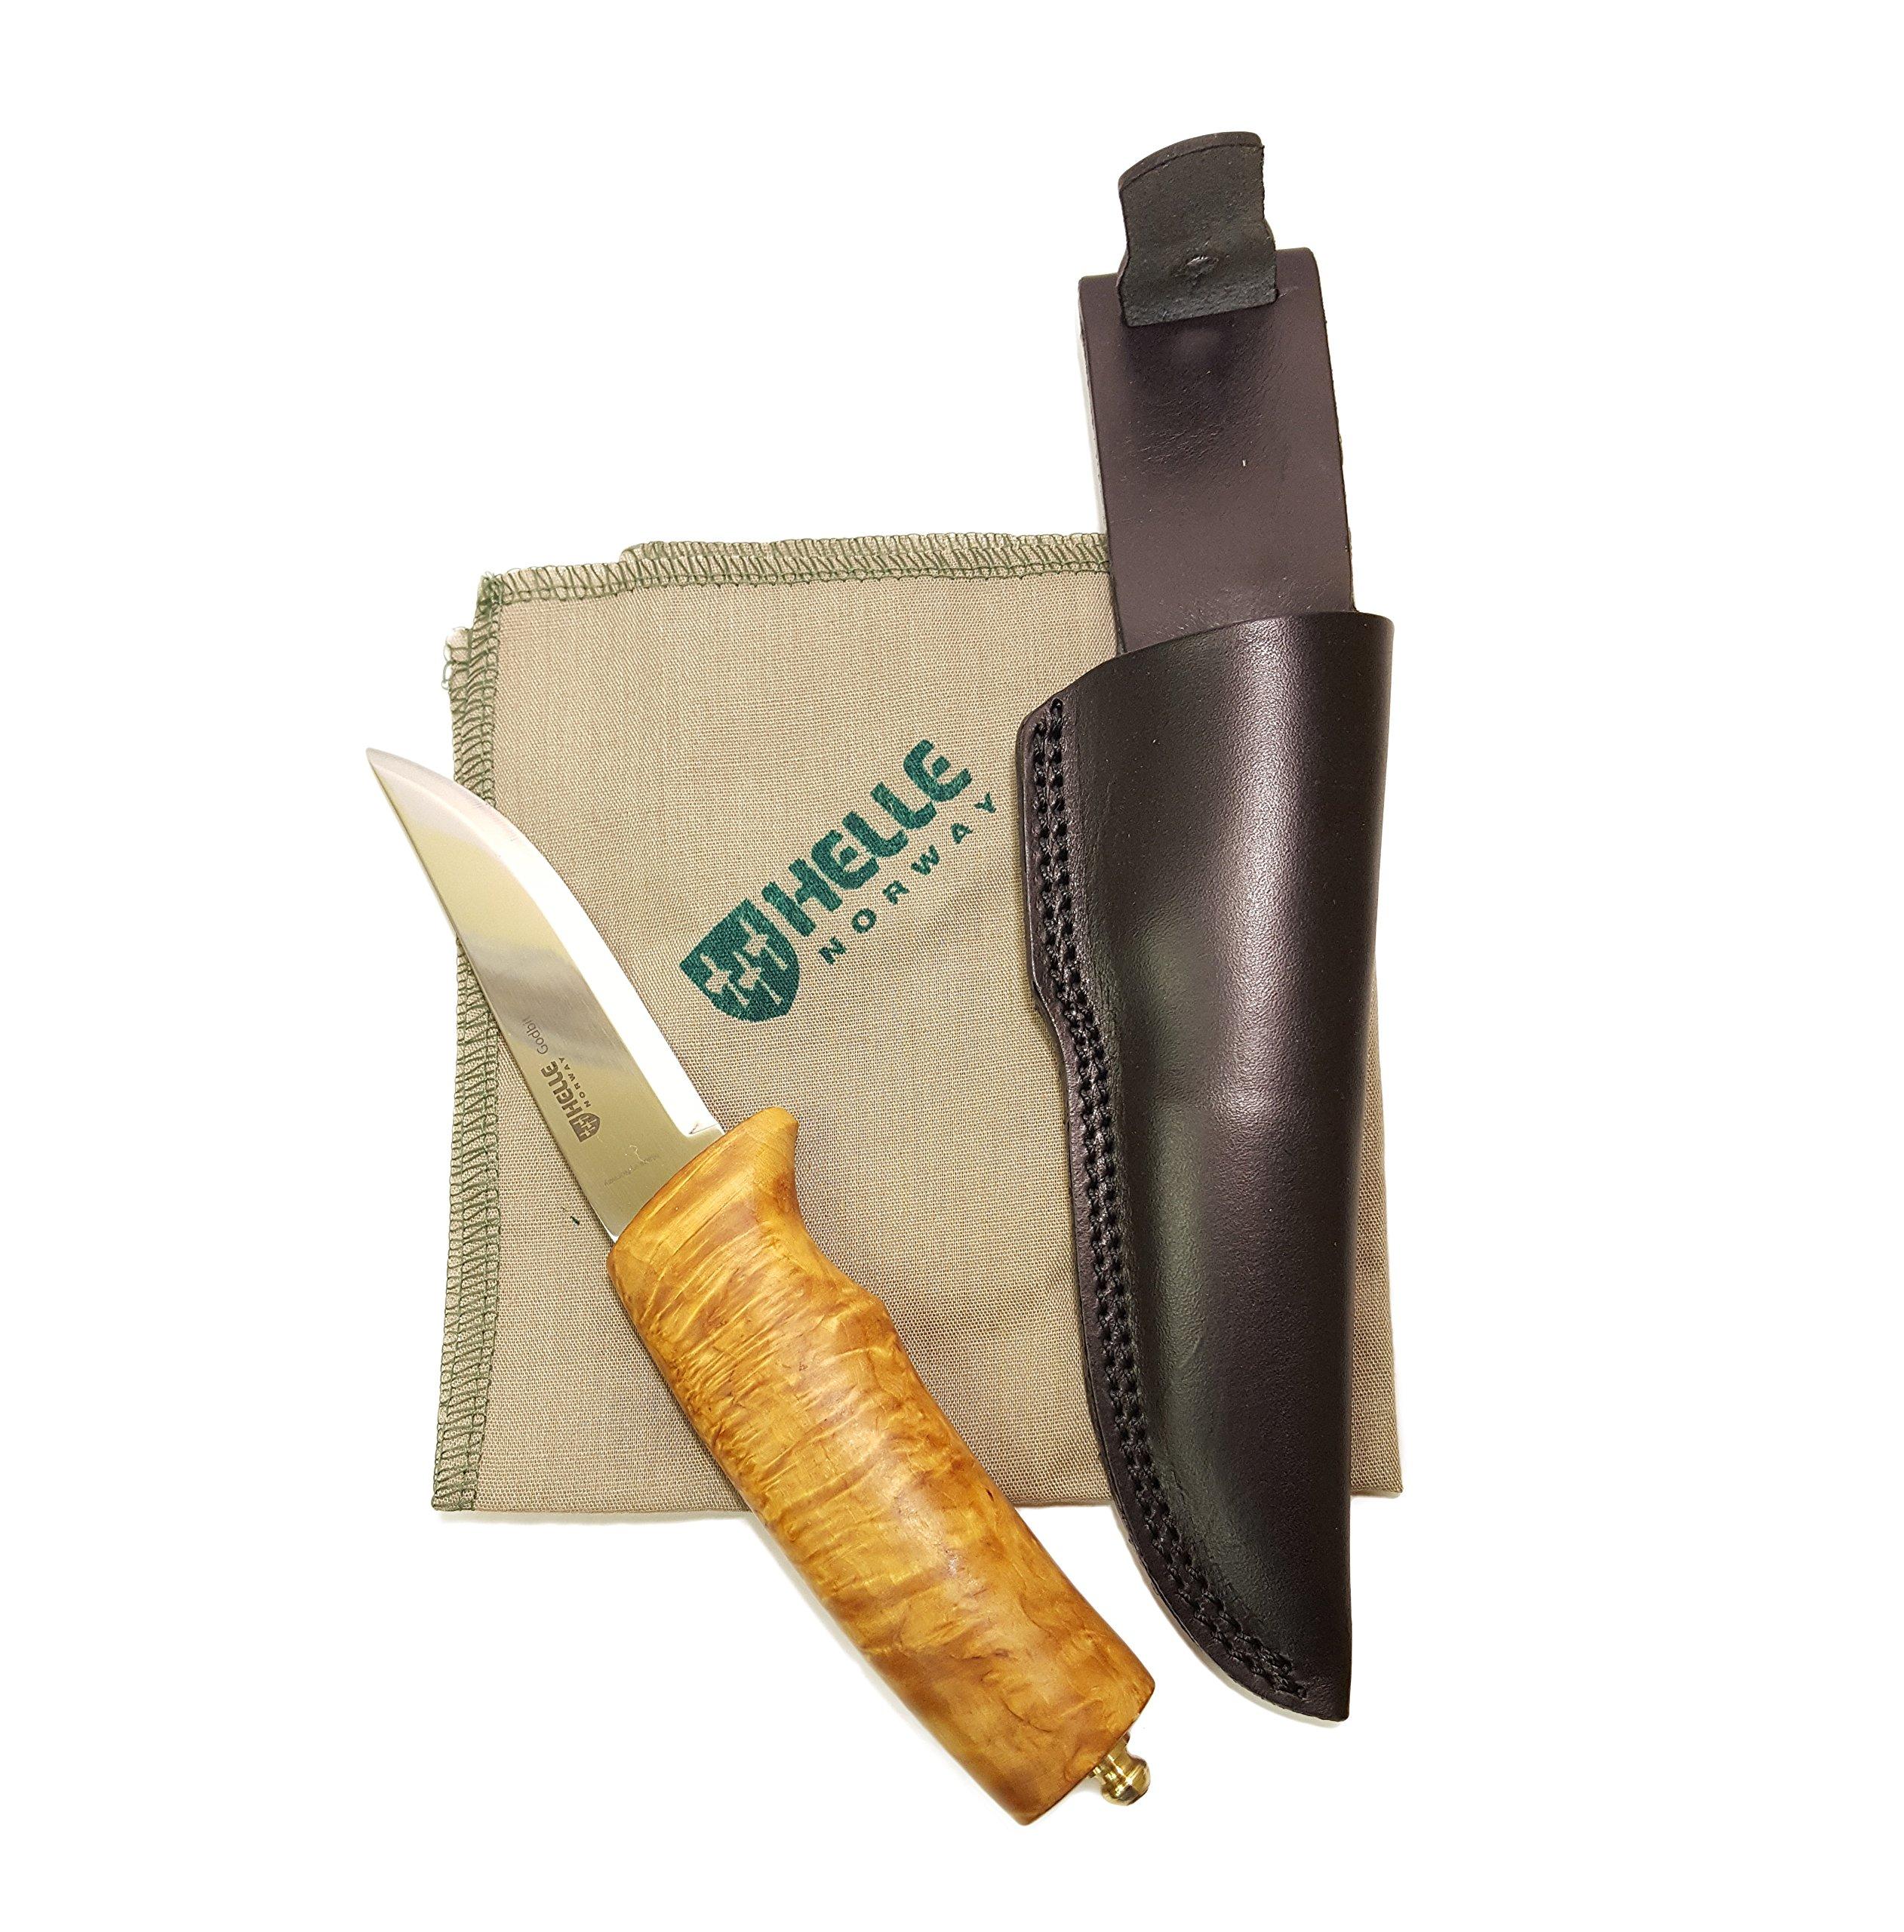 Helle 2017 Godbit Knife